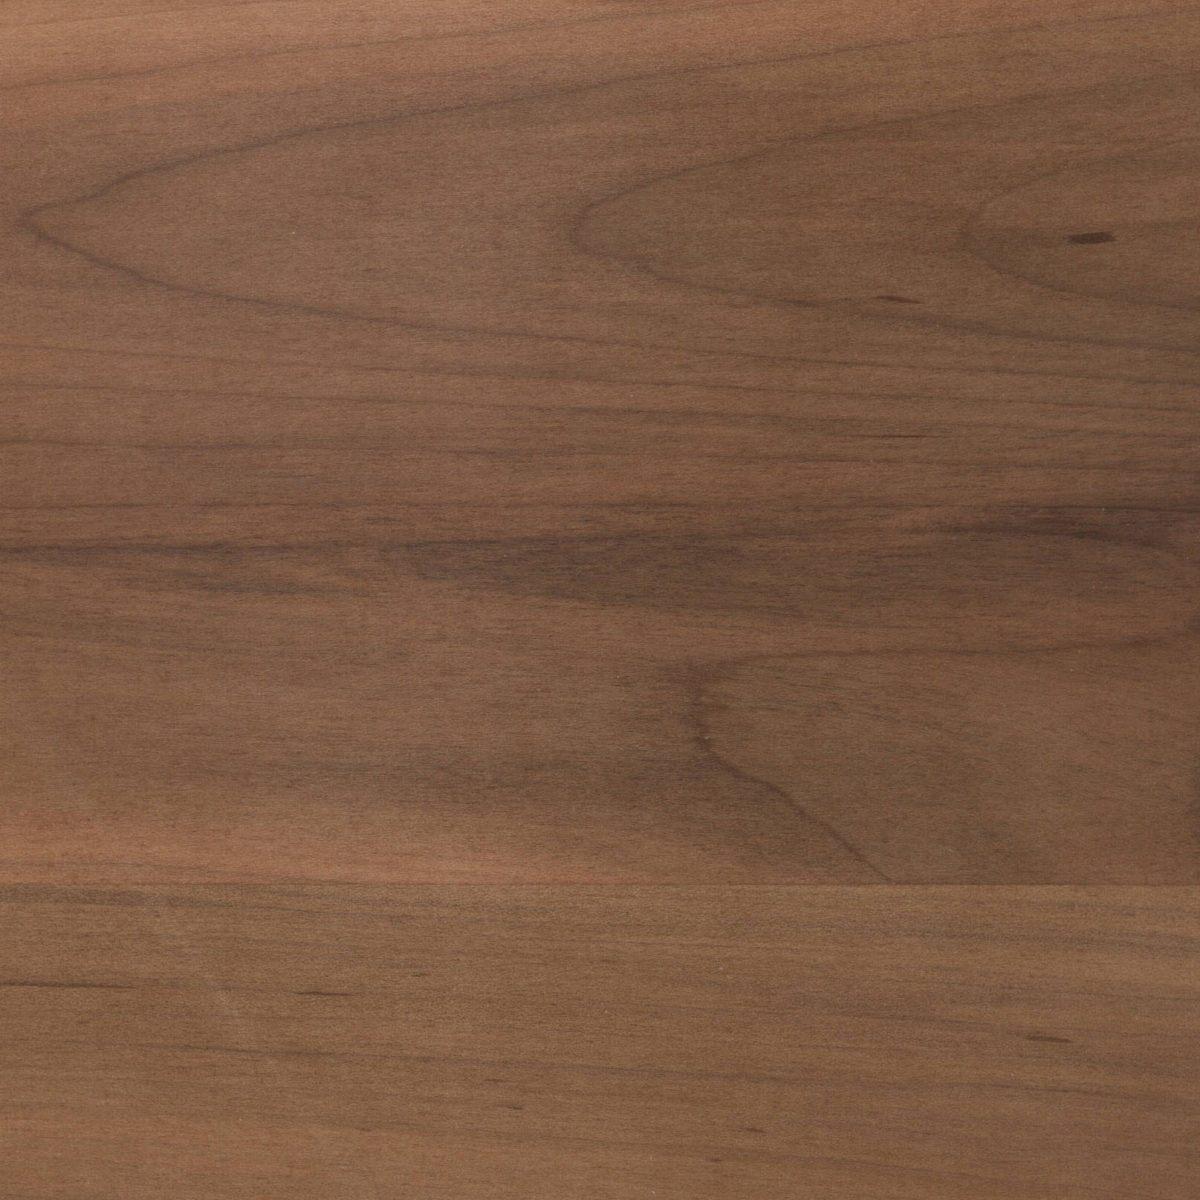 13 Brown Maple Wood Sample